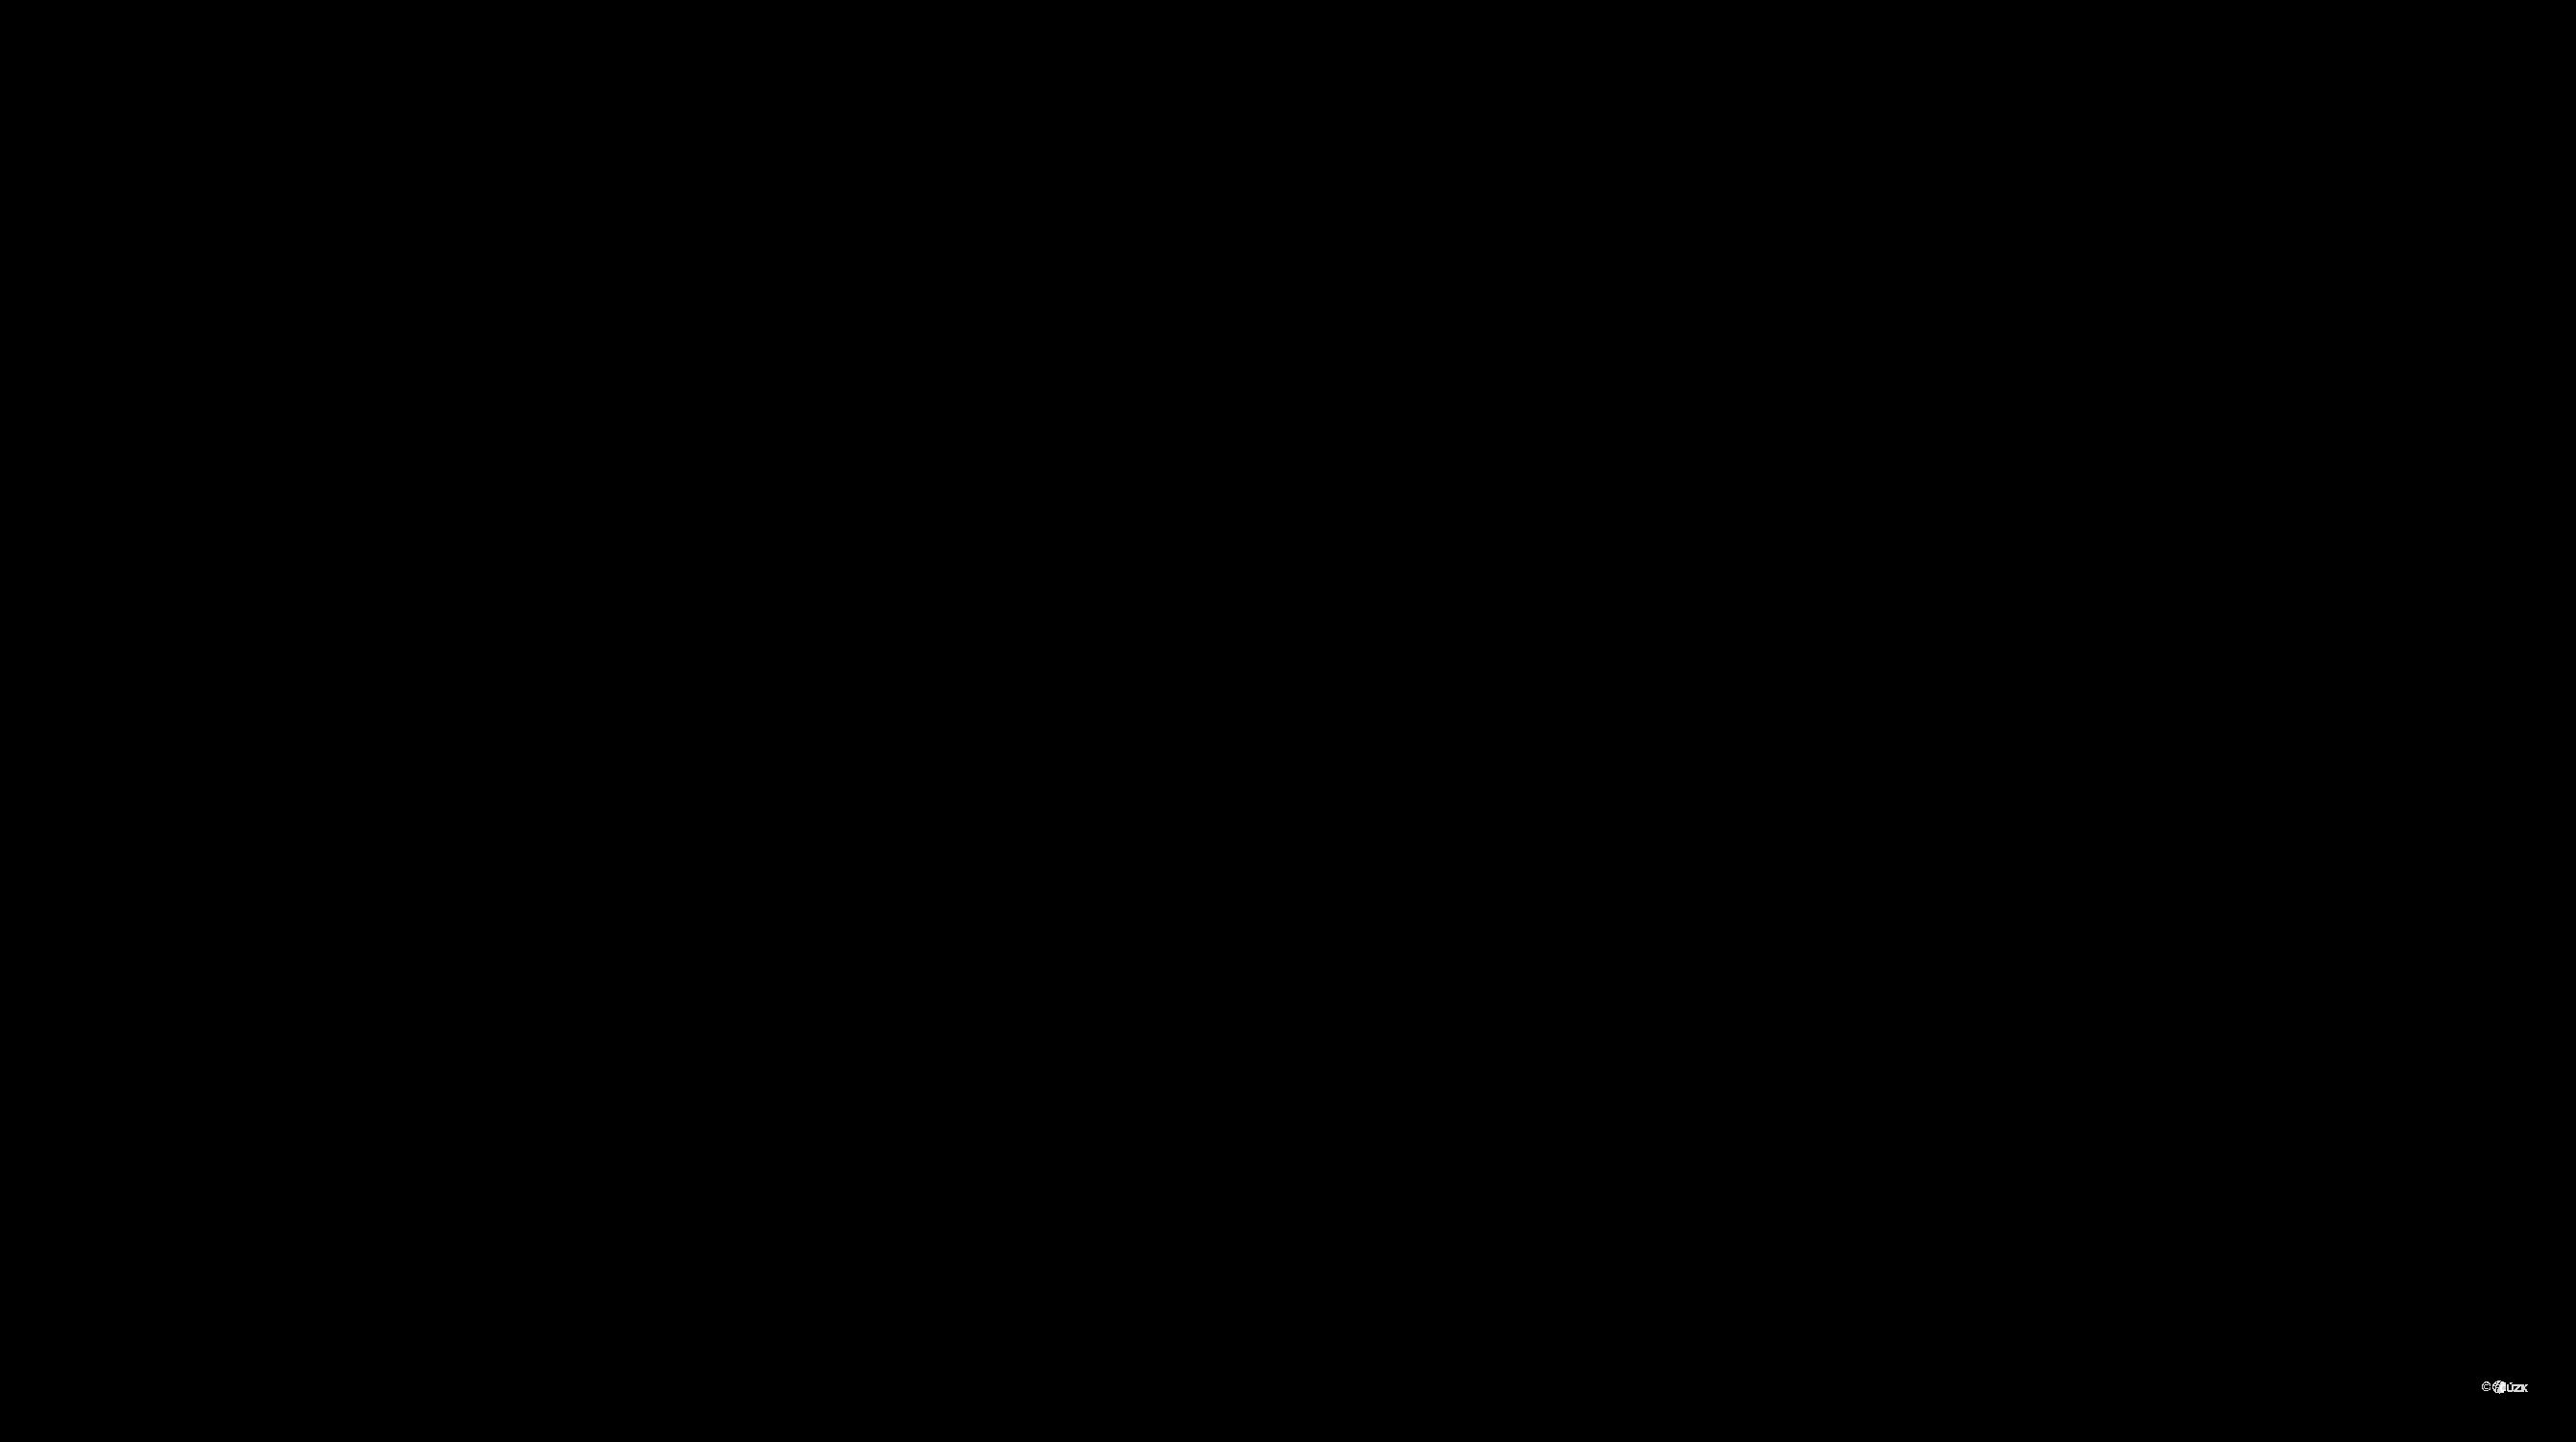 Katastrální mapa pozemků a čísla parcel Bludov